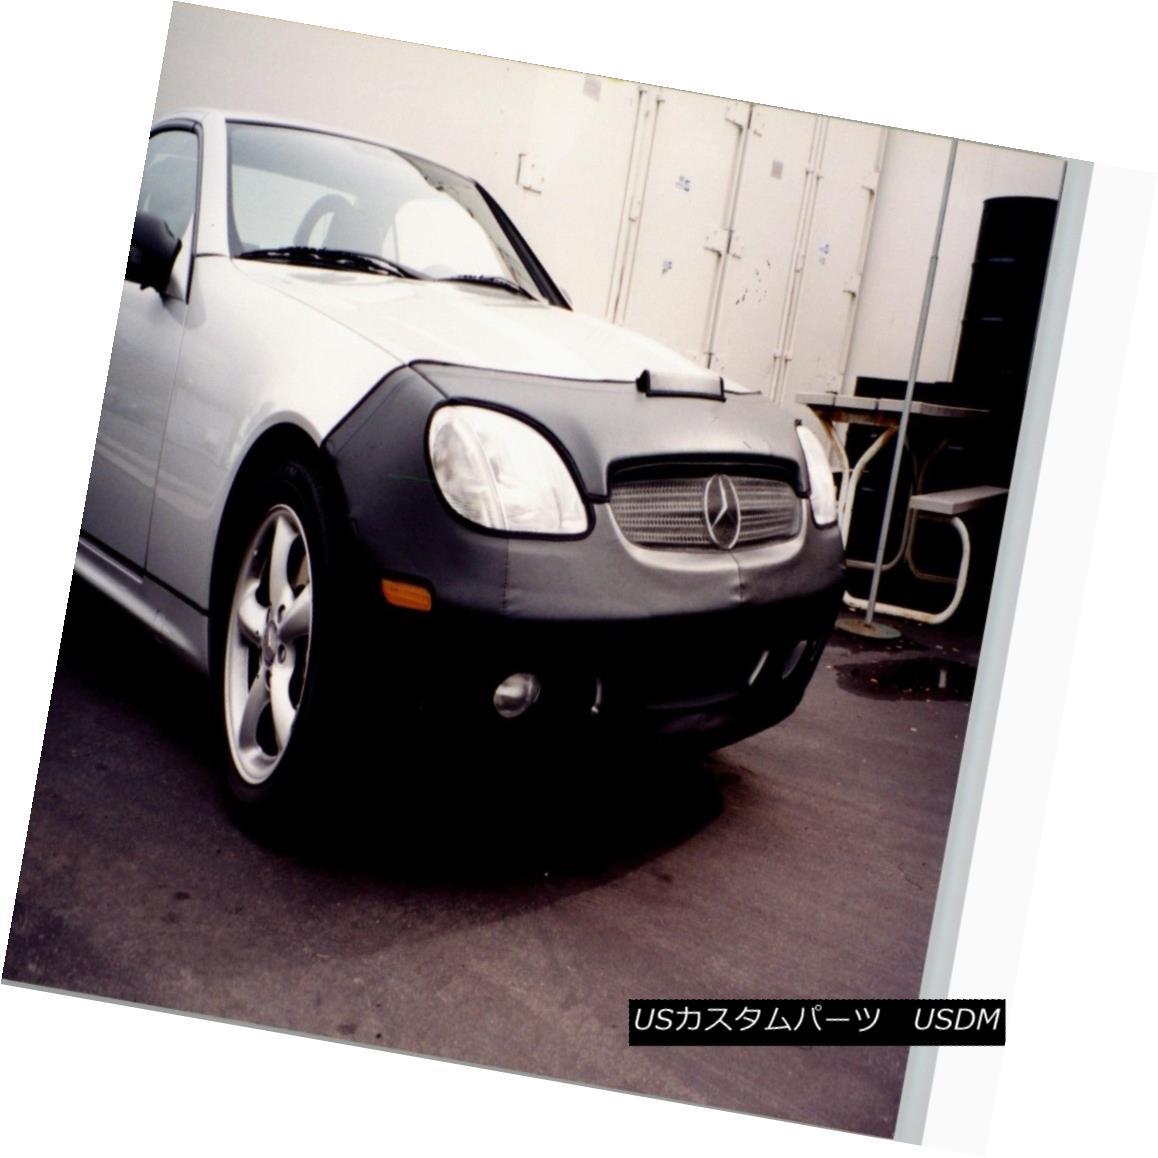 フルブラ ノーズブラ Colgan Front End Mask Bra 2pc. Fits Mercedes-Benz SLK230 2002-2004 W/O License コルガンフロントエンドマスクブラ2pc Mercedes-Benz SLK230 2002-2004 W / Oライセンスに適合